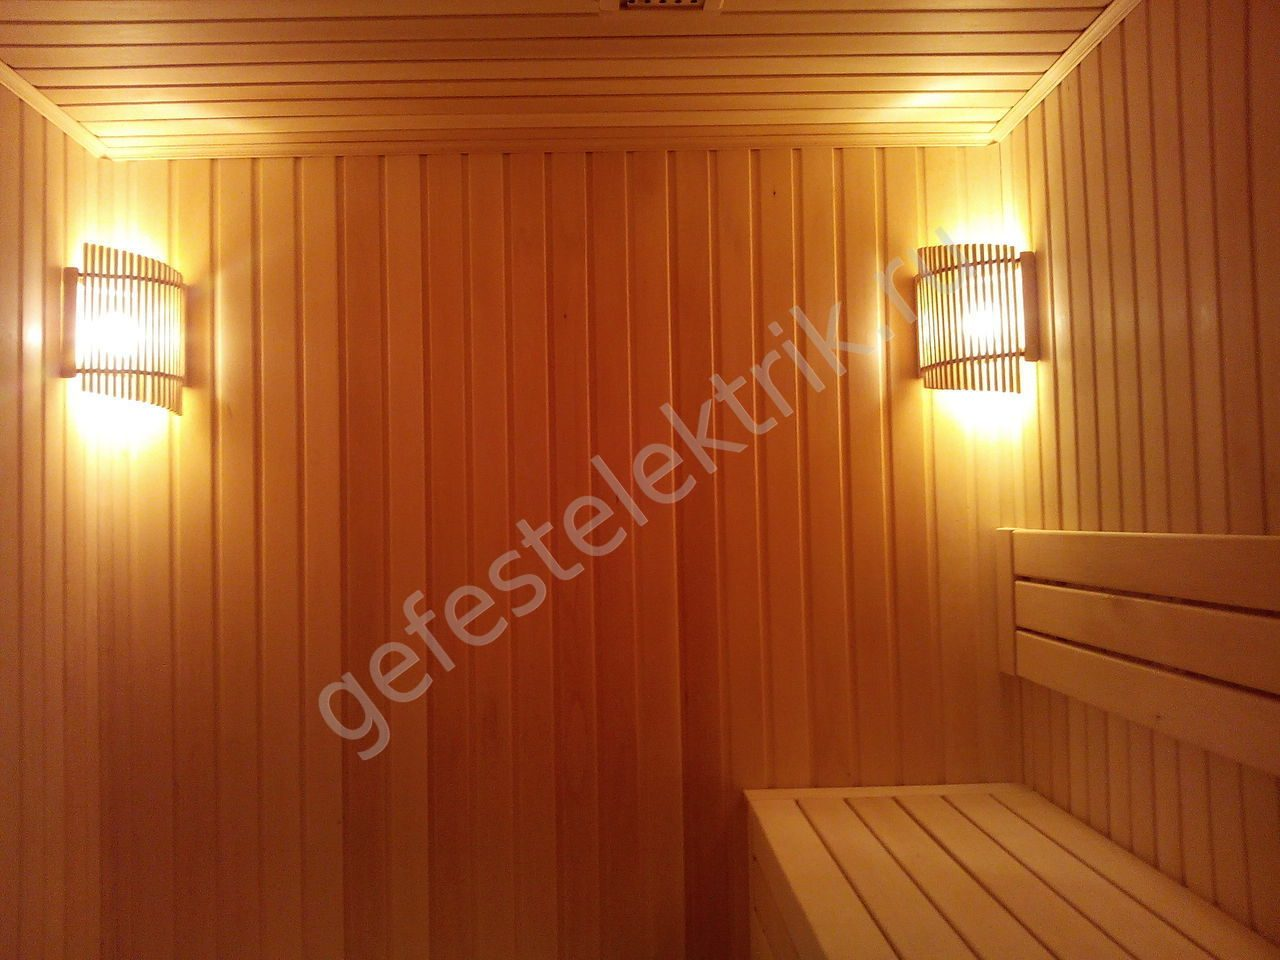 Как сделать освещение в бане своими руками - правила и пошаговые инструкции!